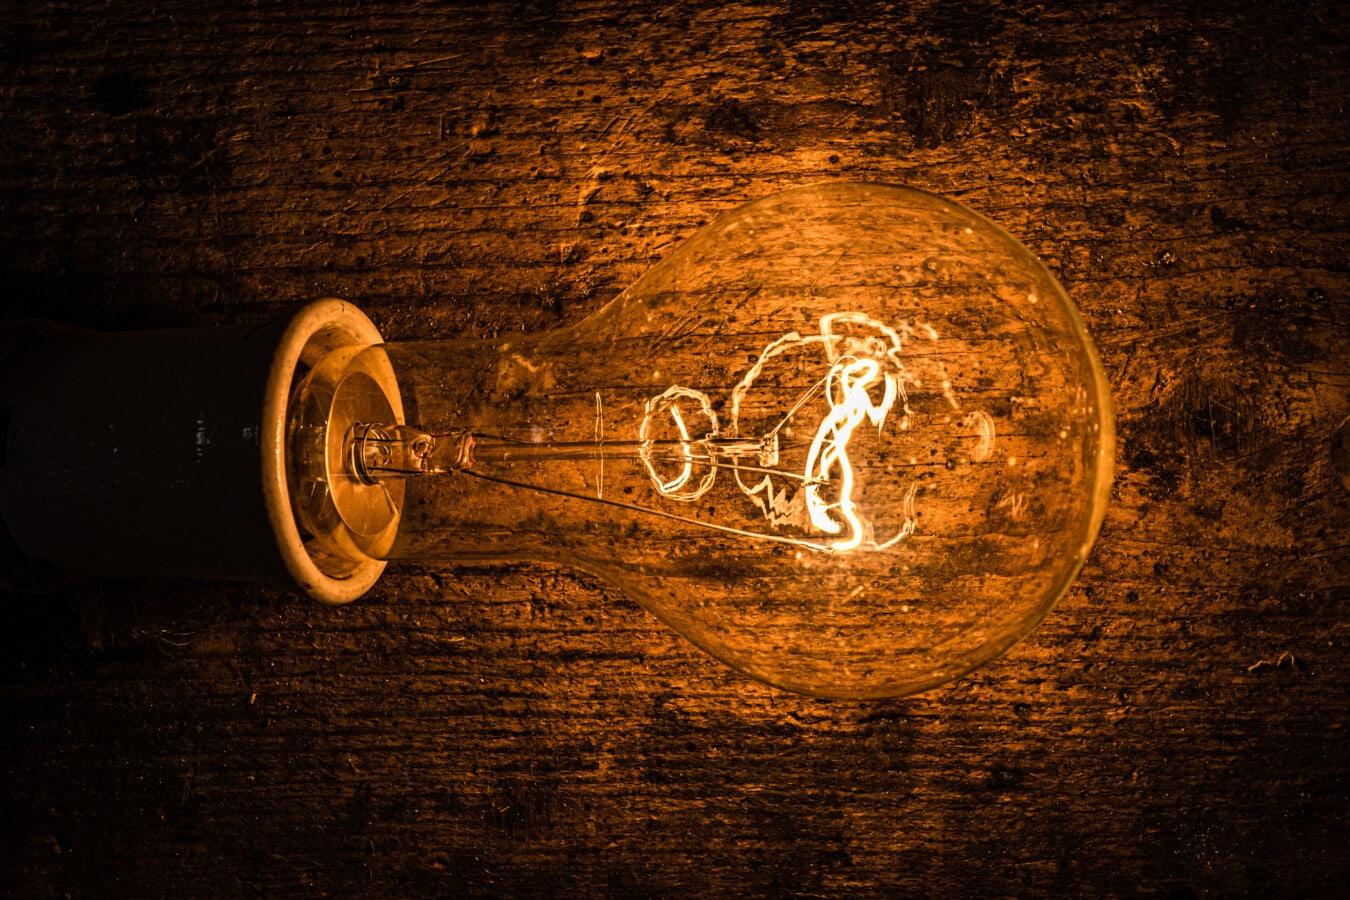 전구, 밝은, 발광, 형광, 필 라 멘 트, 전기, 전압, 어둠, 오래 된 스타일, 빛